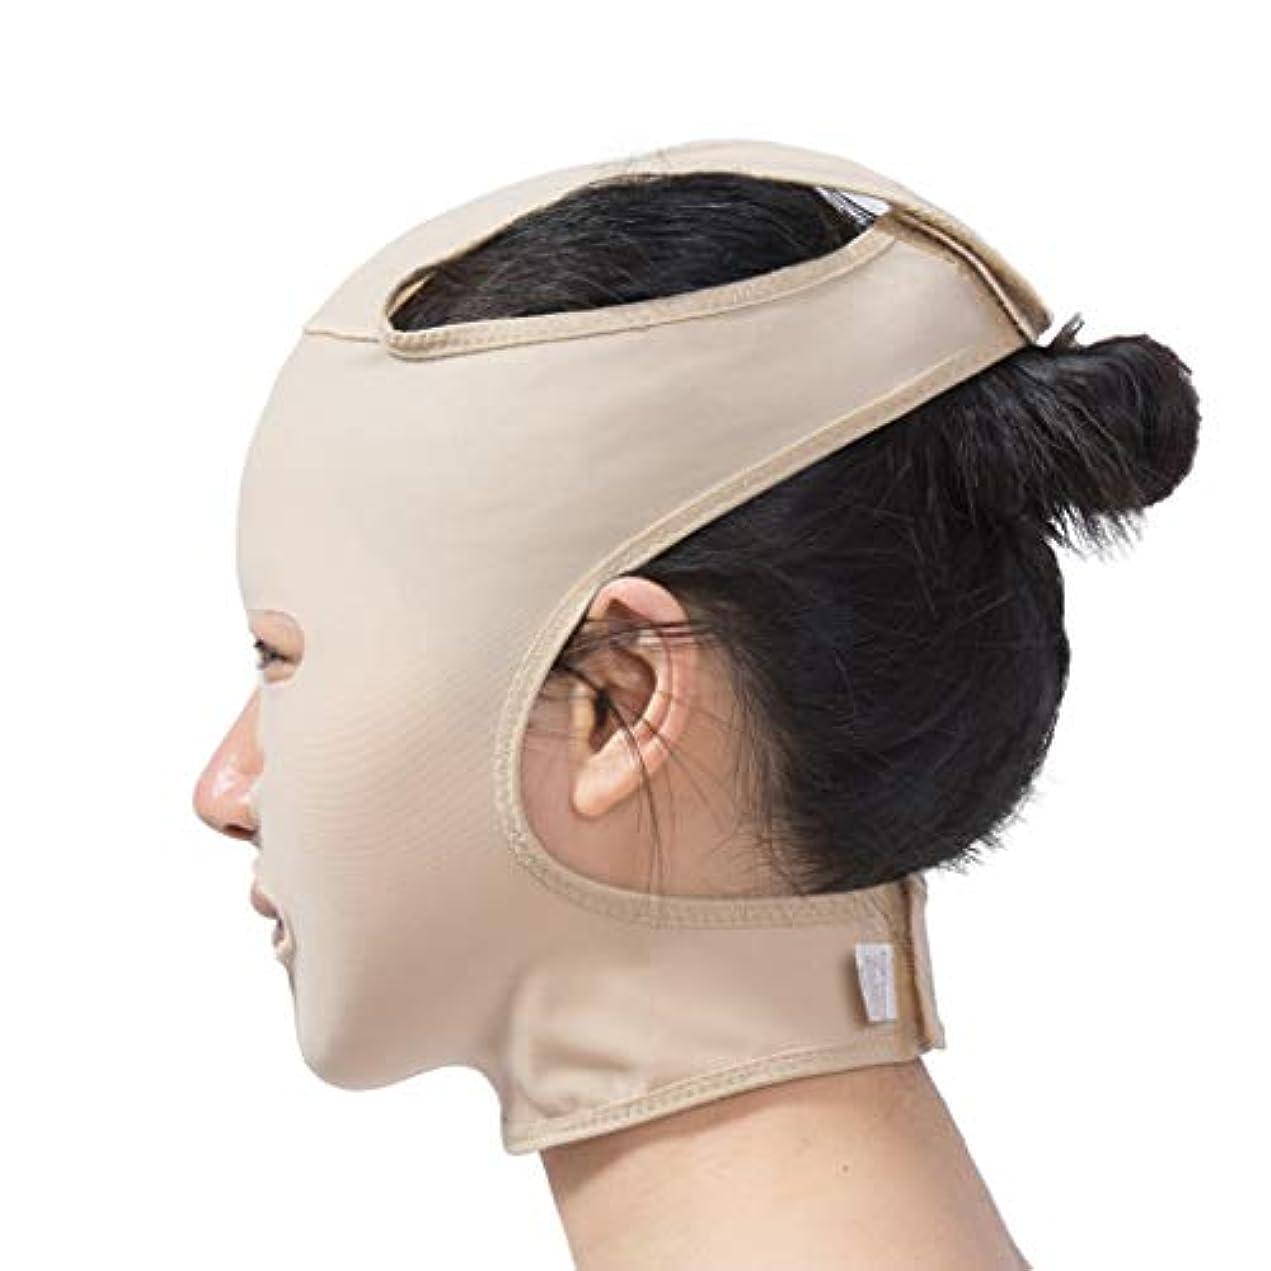 おかしい憤る抵当フェイスリフトマスク、フルフェイスマスク医療グレード圧力フェイスダブルチンプラスチック脂肪吸引術弾性包帯ヘッドギア後の顔の脂肪吸引術 (Size : M)